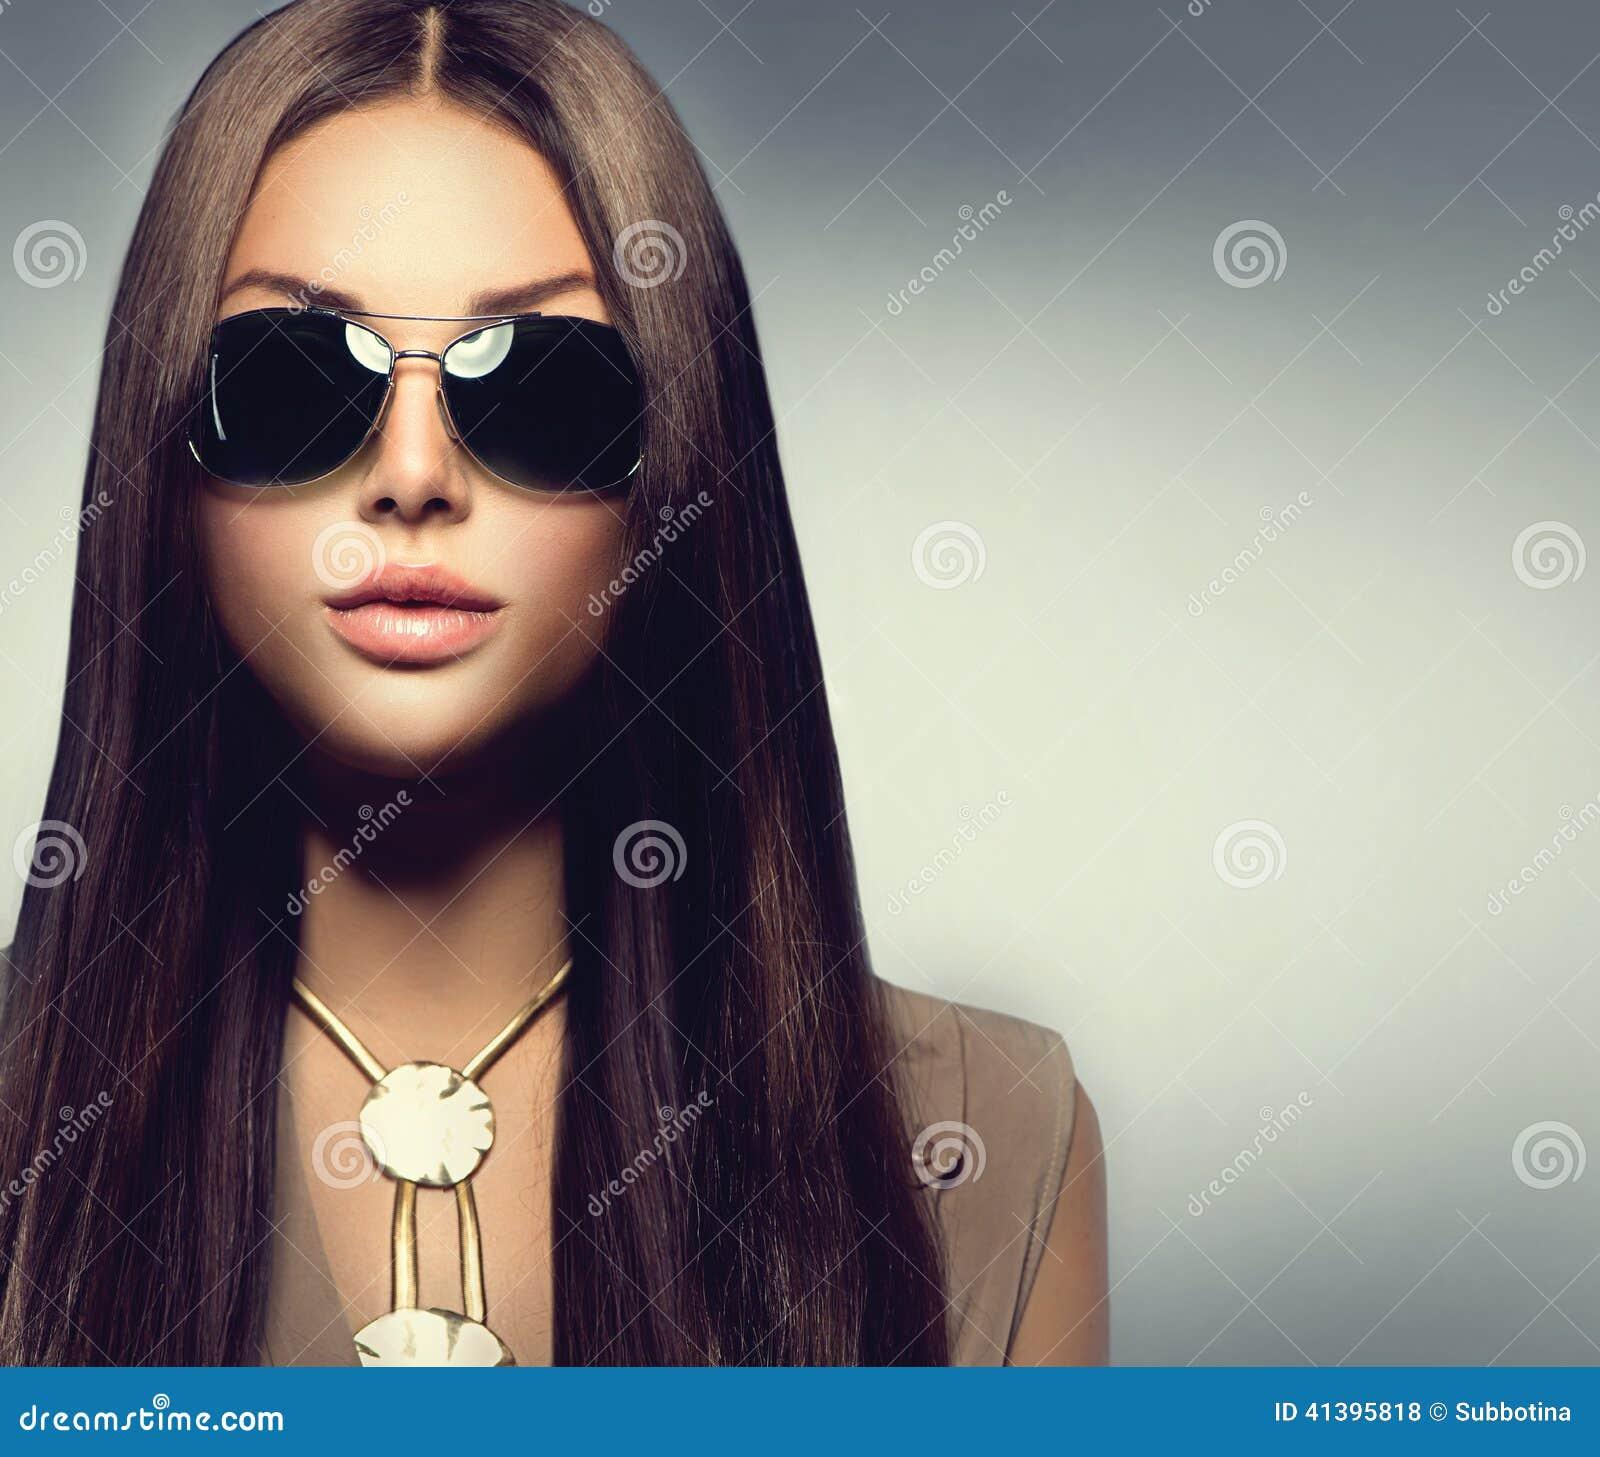 Πρότυπο κορίτσι ομορφιάς που φορά τα γυαλιά ηλίου